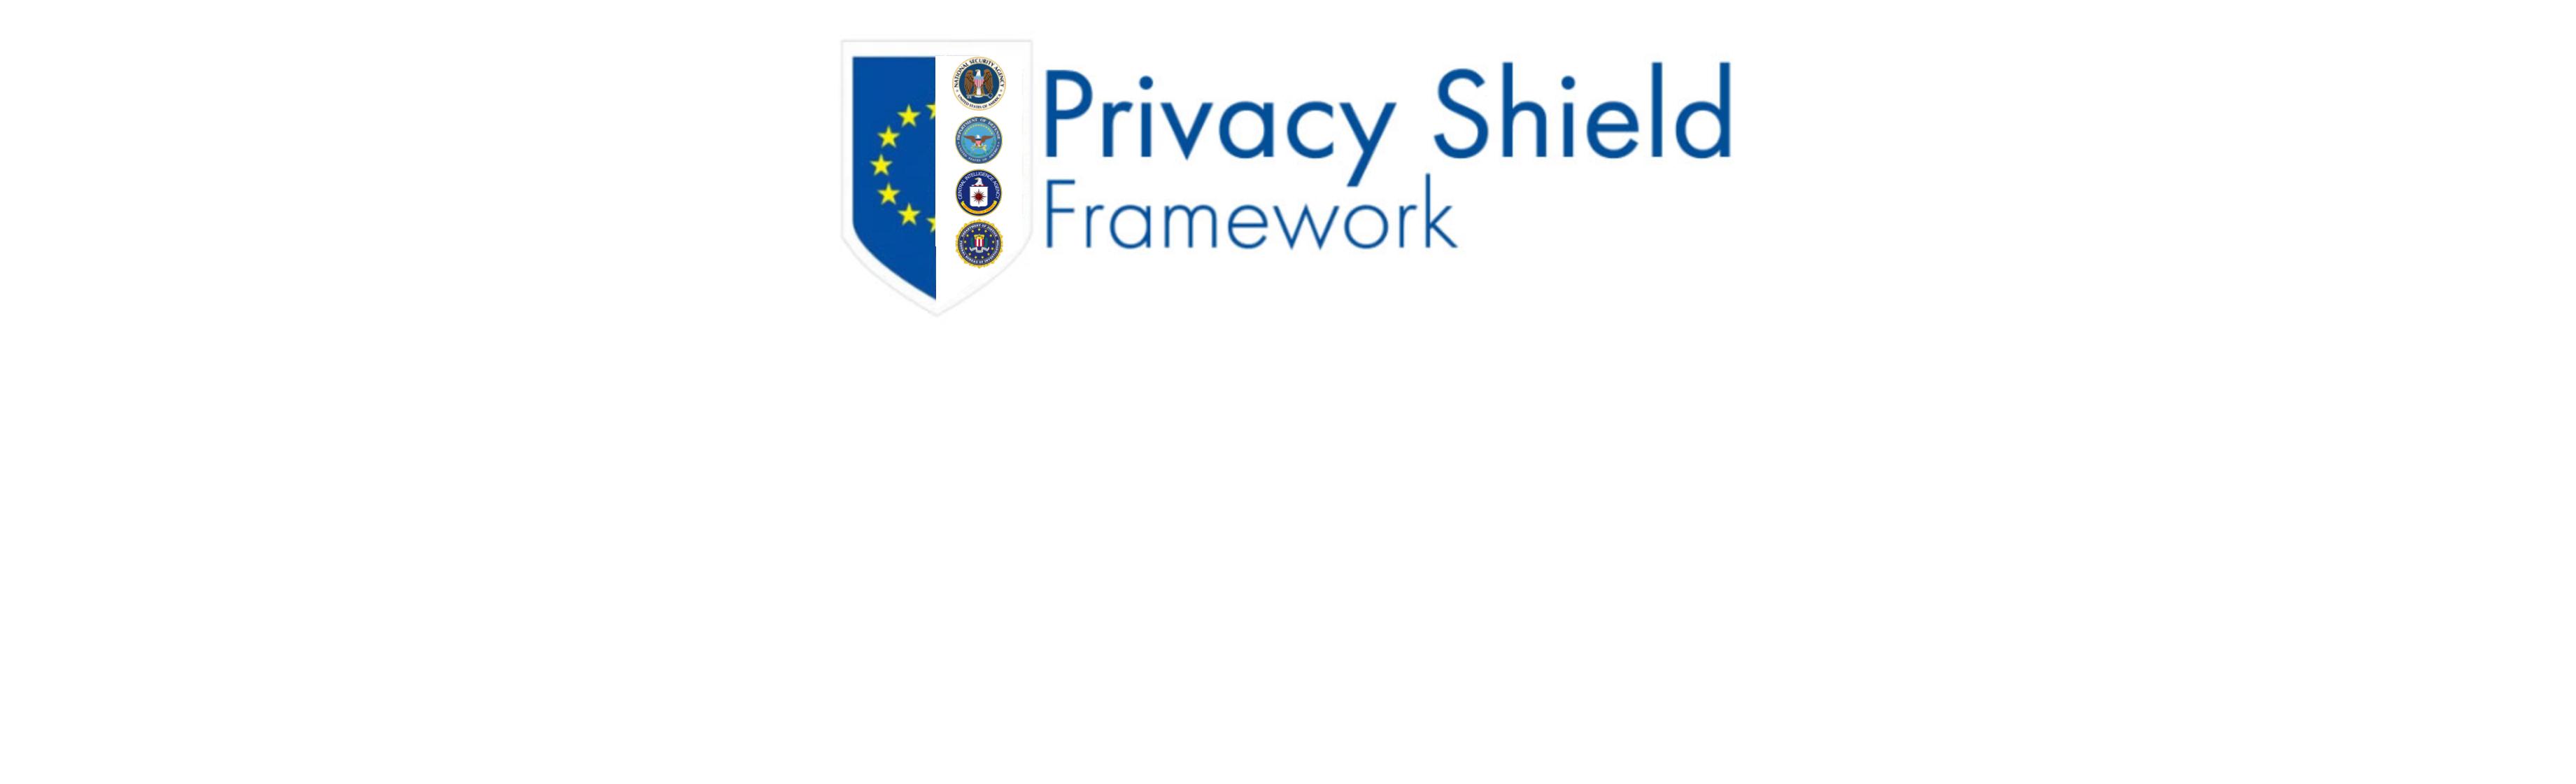 privacy-shield